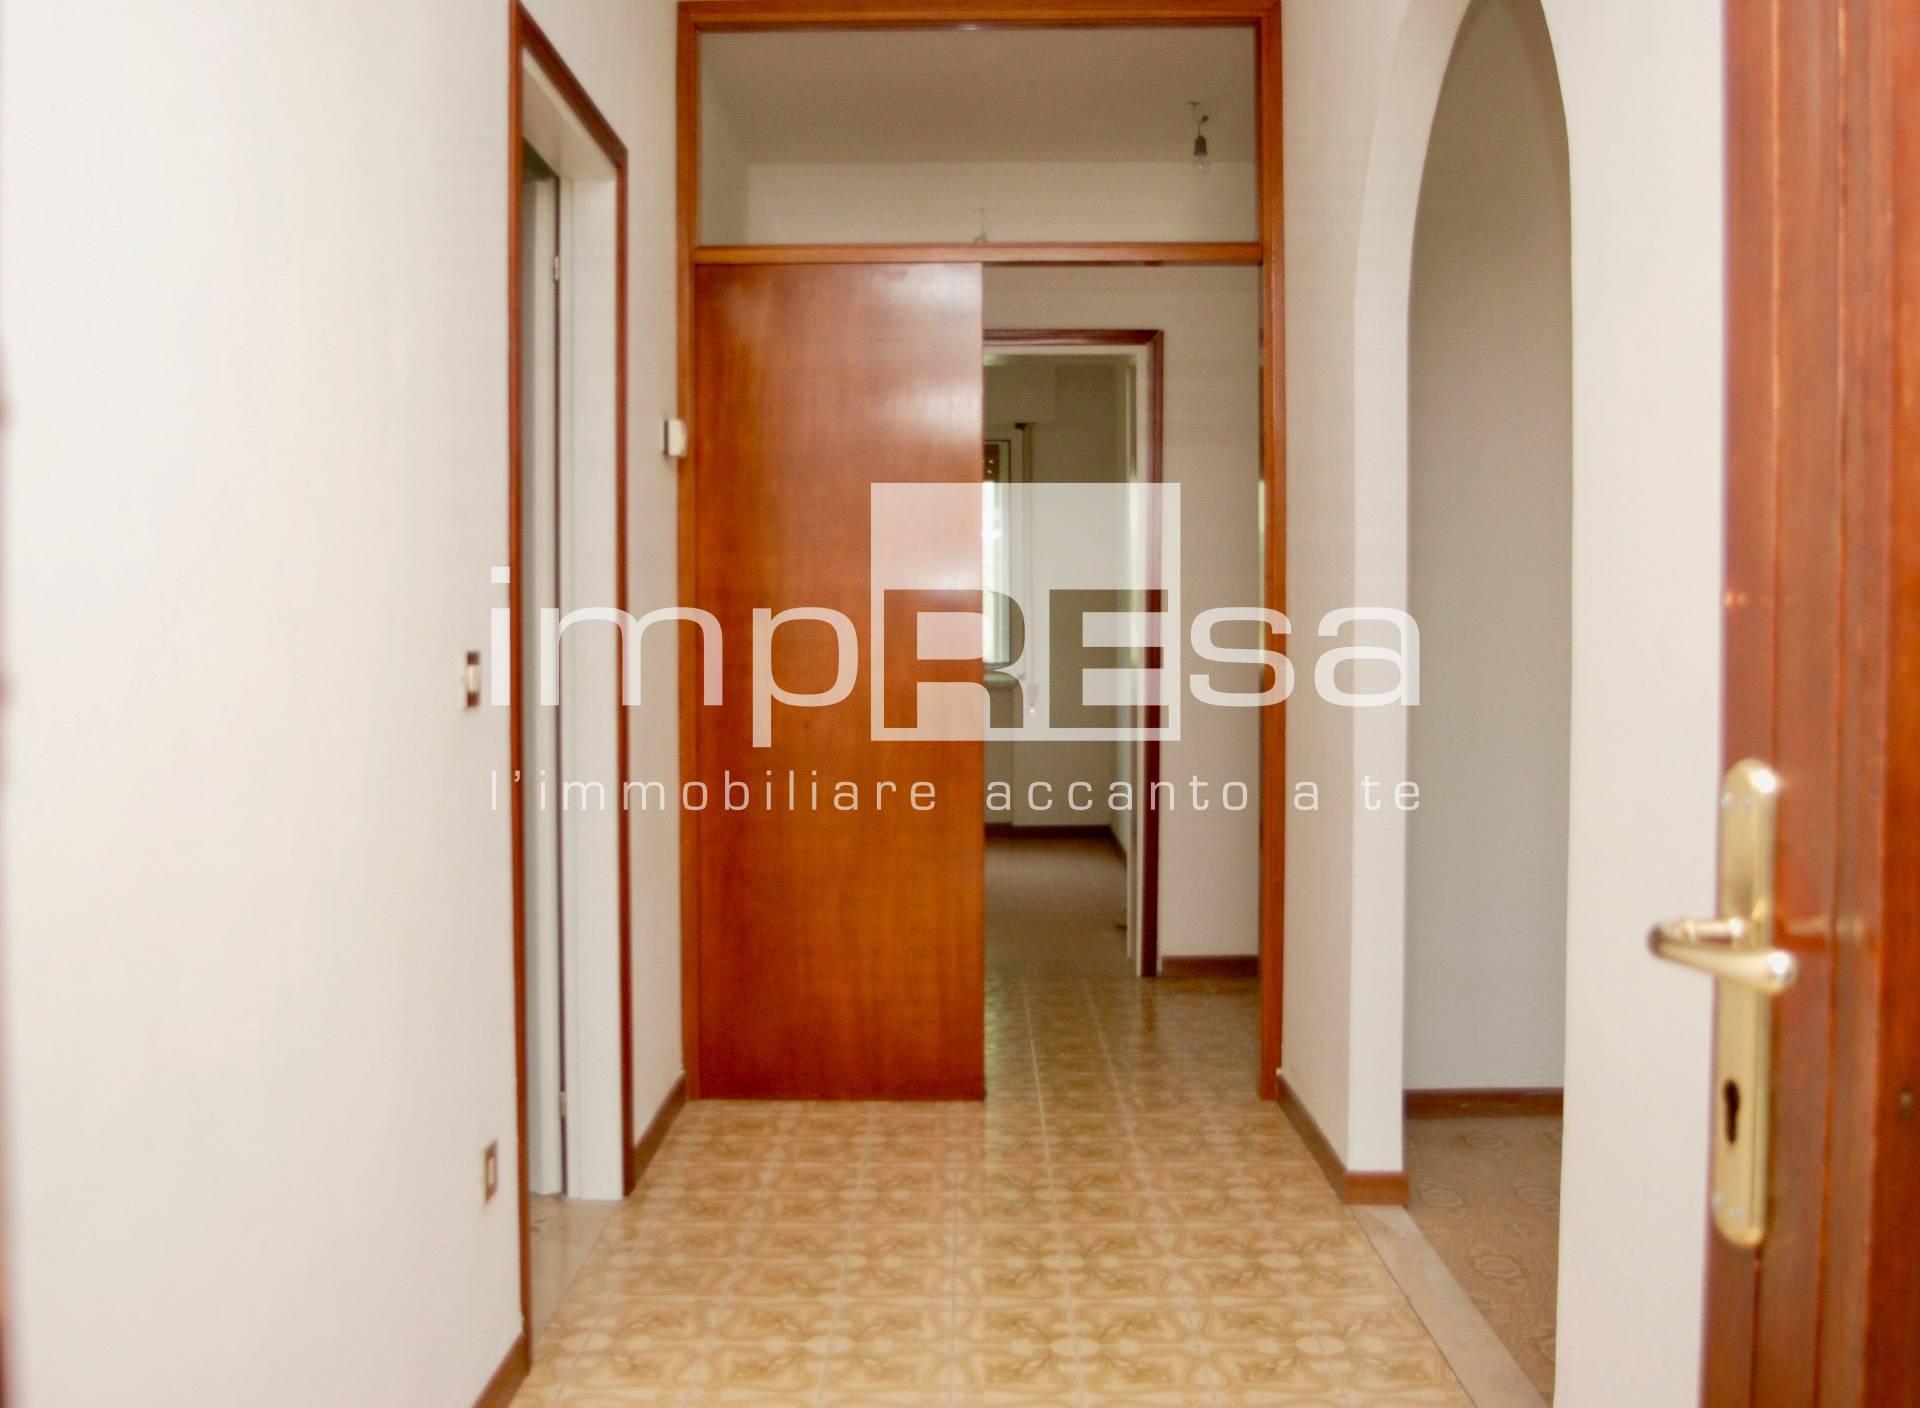 Appartamento in vendita a Treviso, 6 locali, zona Località: Canizzano, prezzo € 120.000 | PortaleAgenzieImmobiliari.it